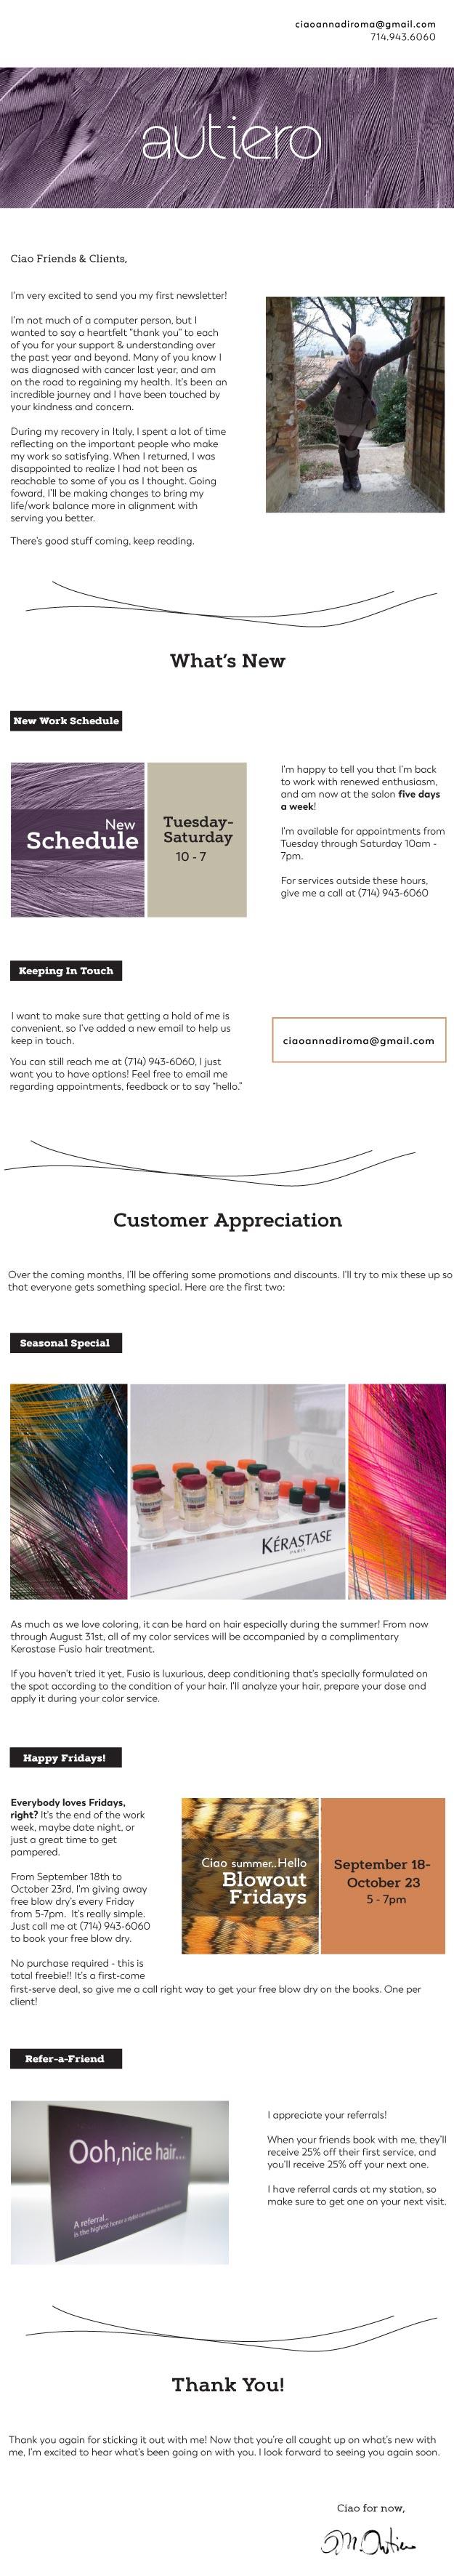 newsletter design hair stylist flux appeal